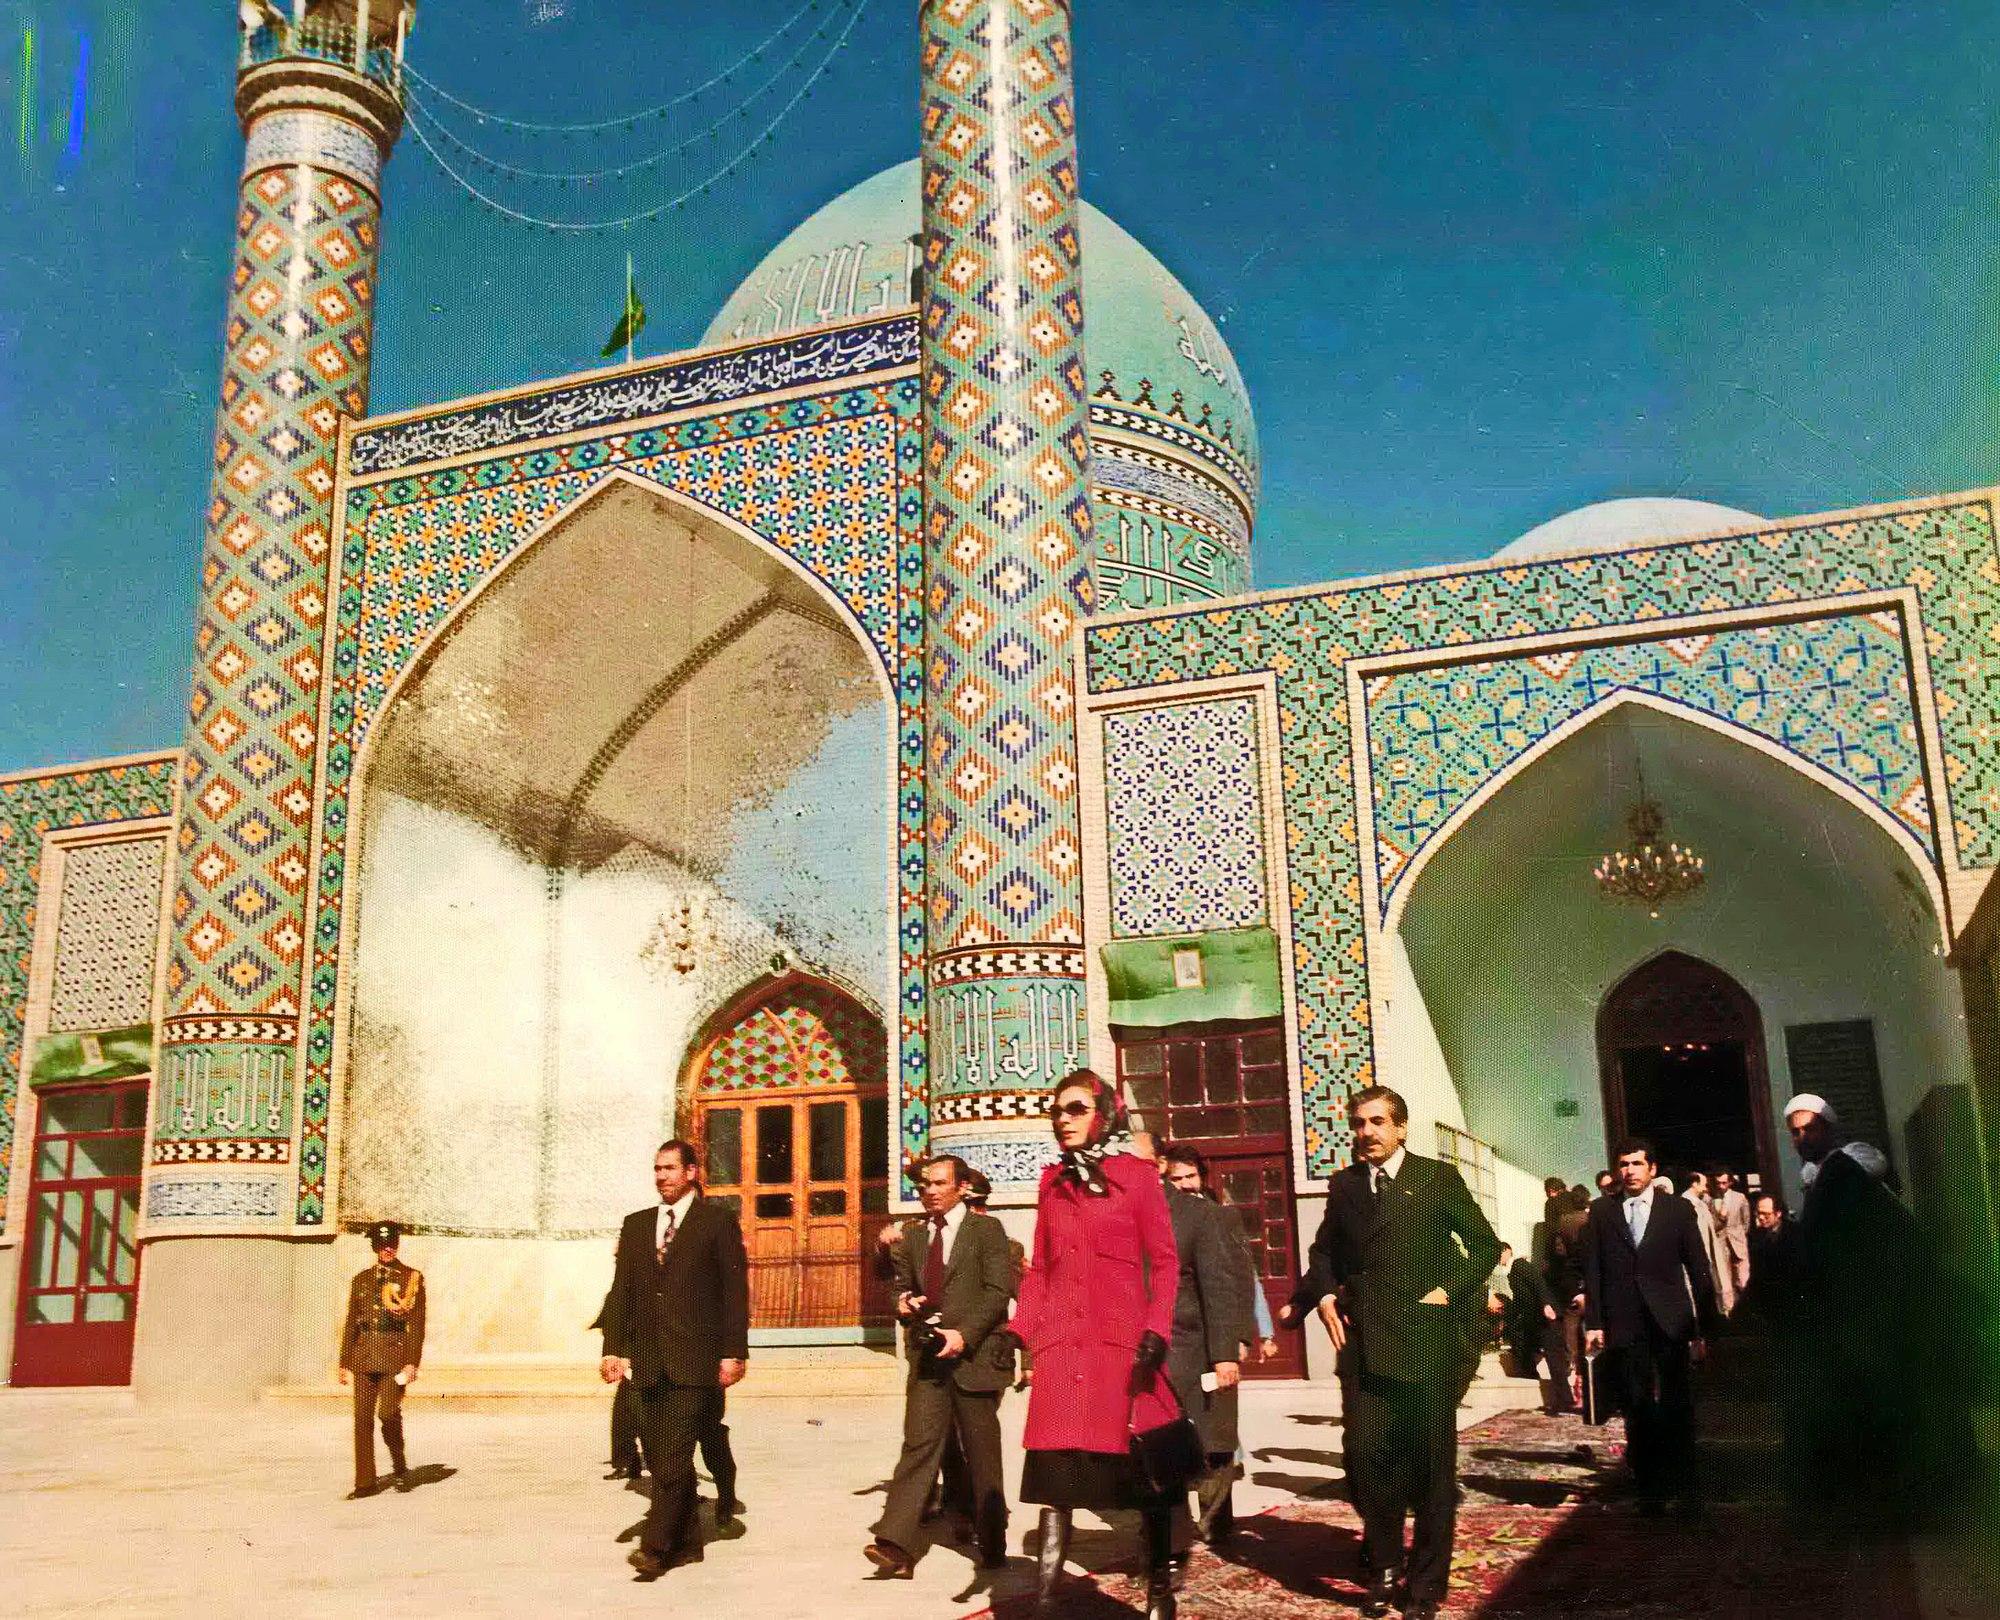 امامزاده سید حمزه کاشمر